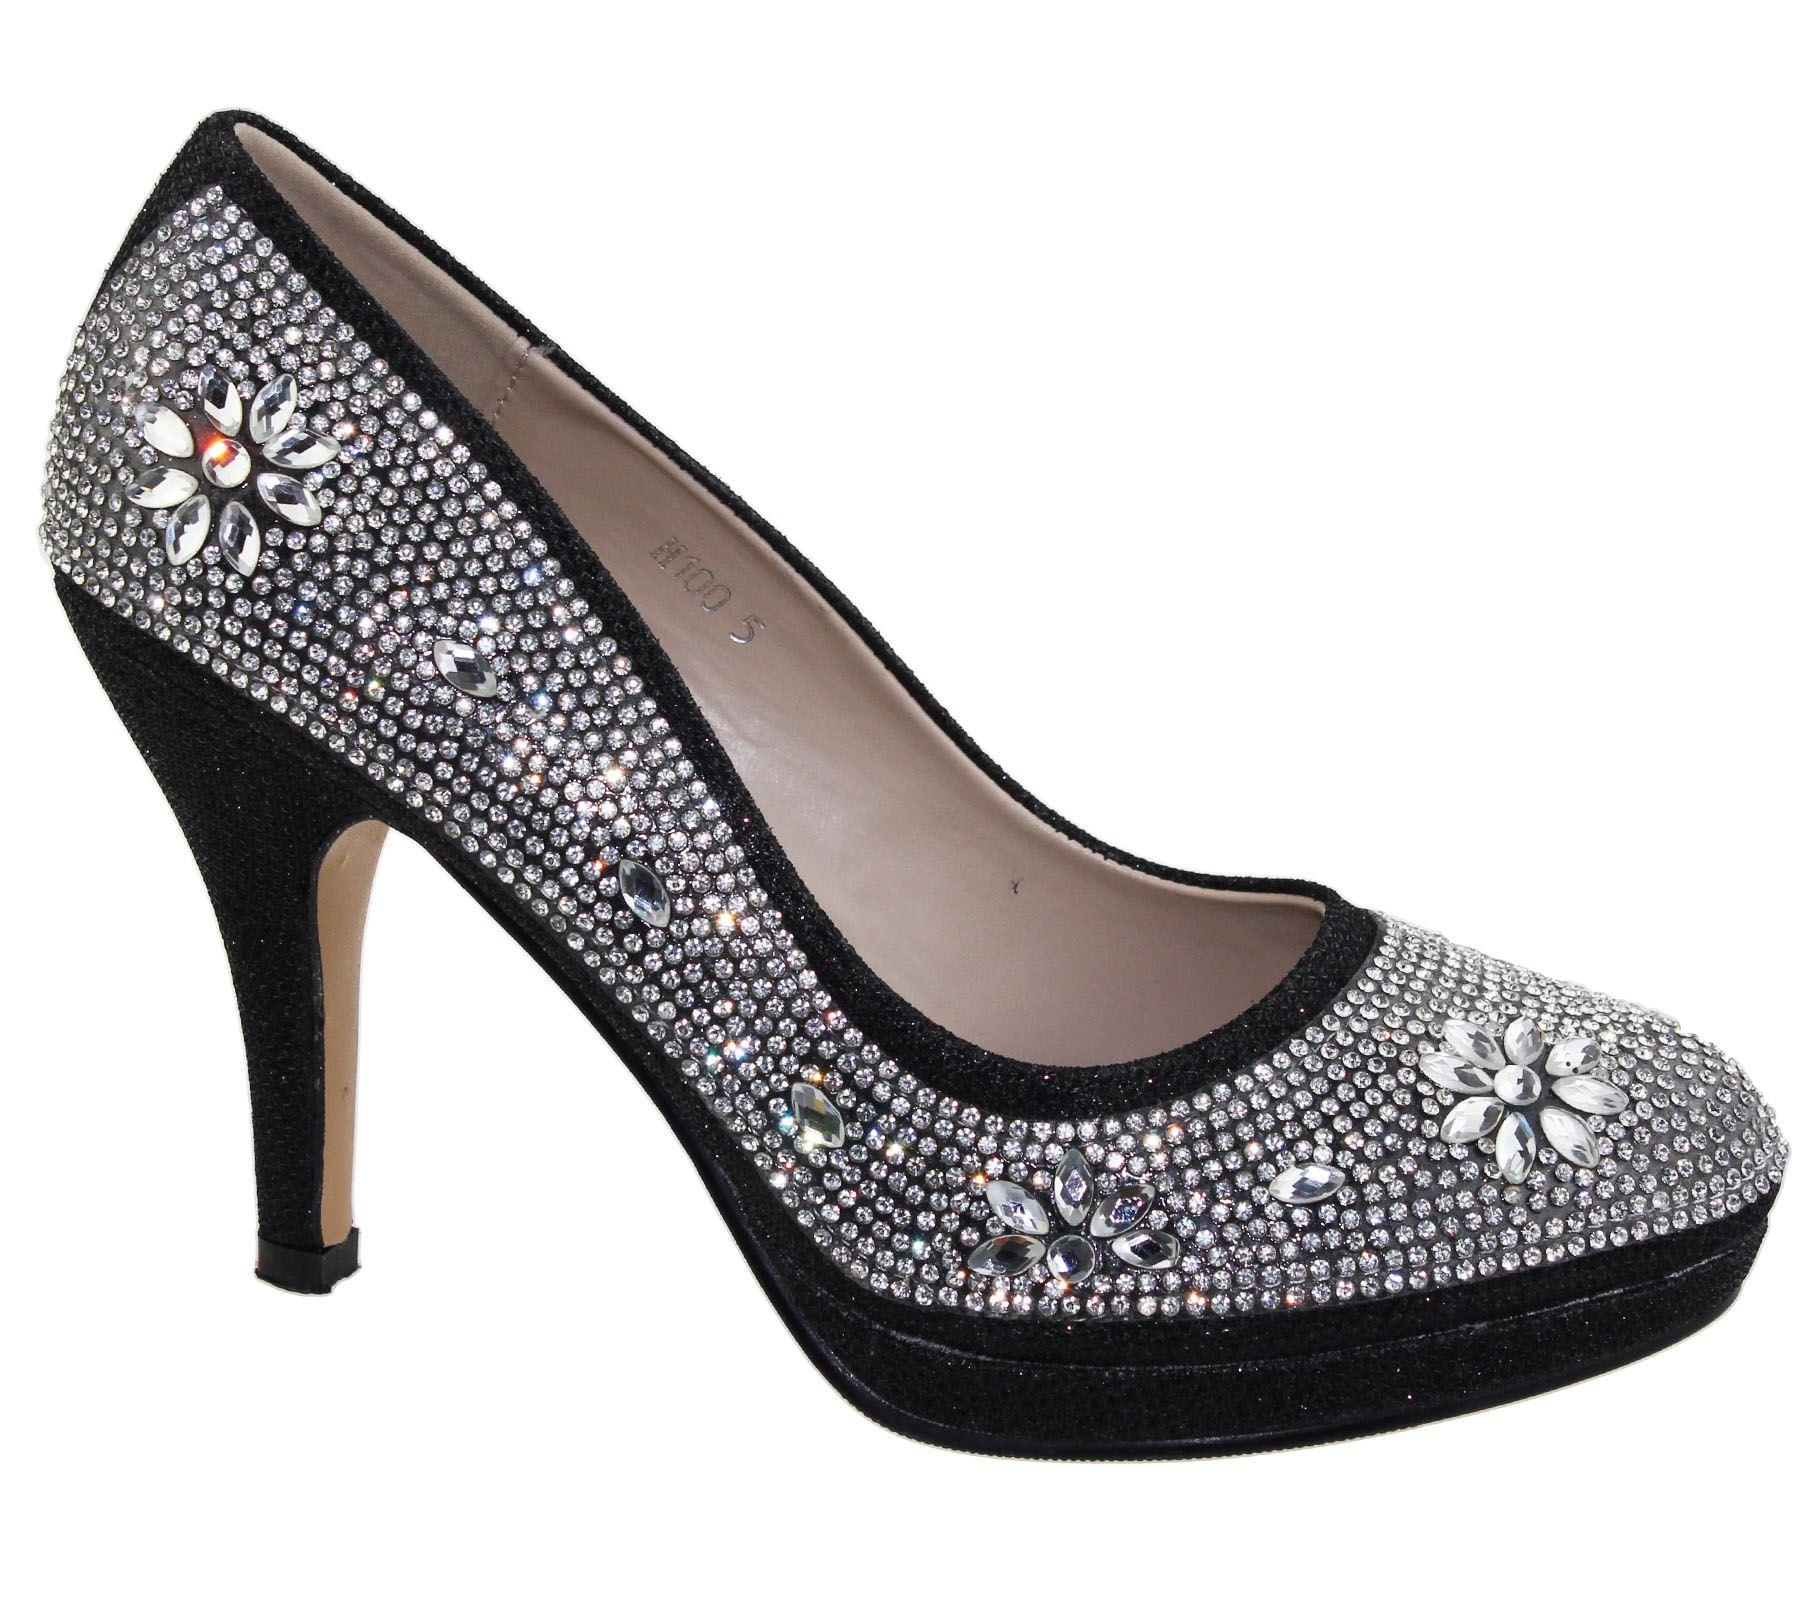 Para Mujer Plataformas Tacones Altos Boda Nupcial Noche Diamante Partido de las Señoras Zapatos